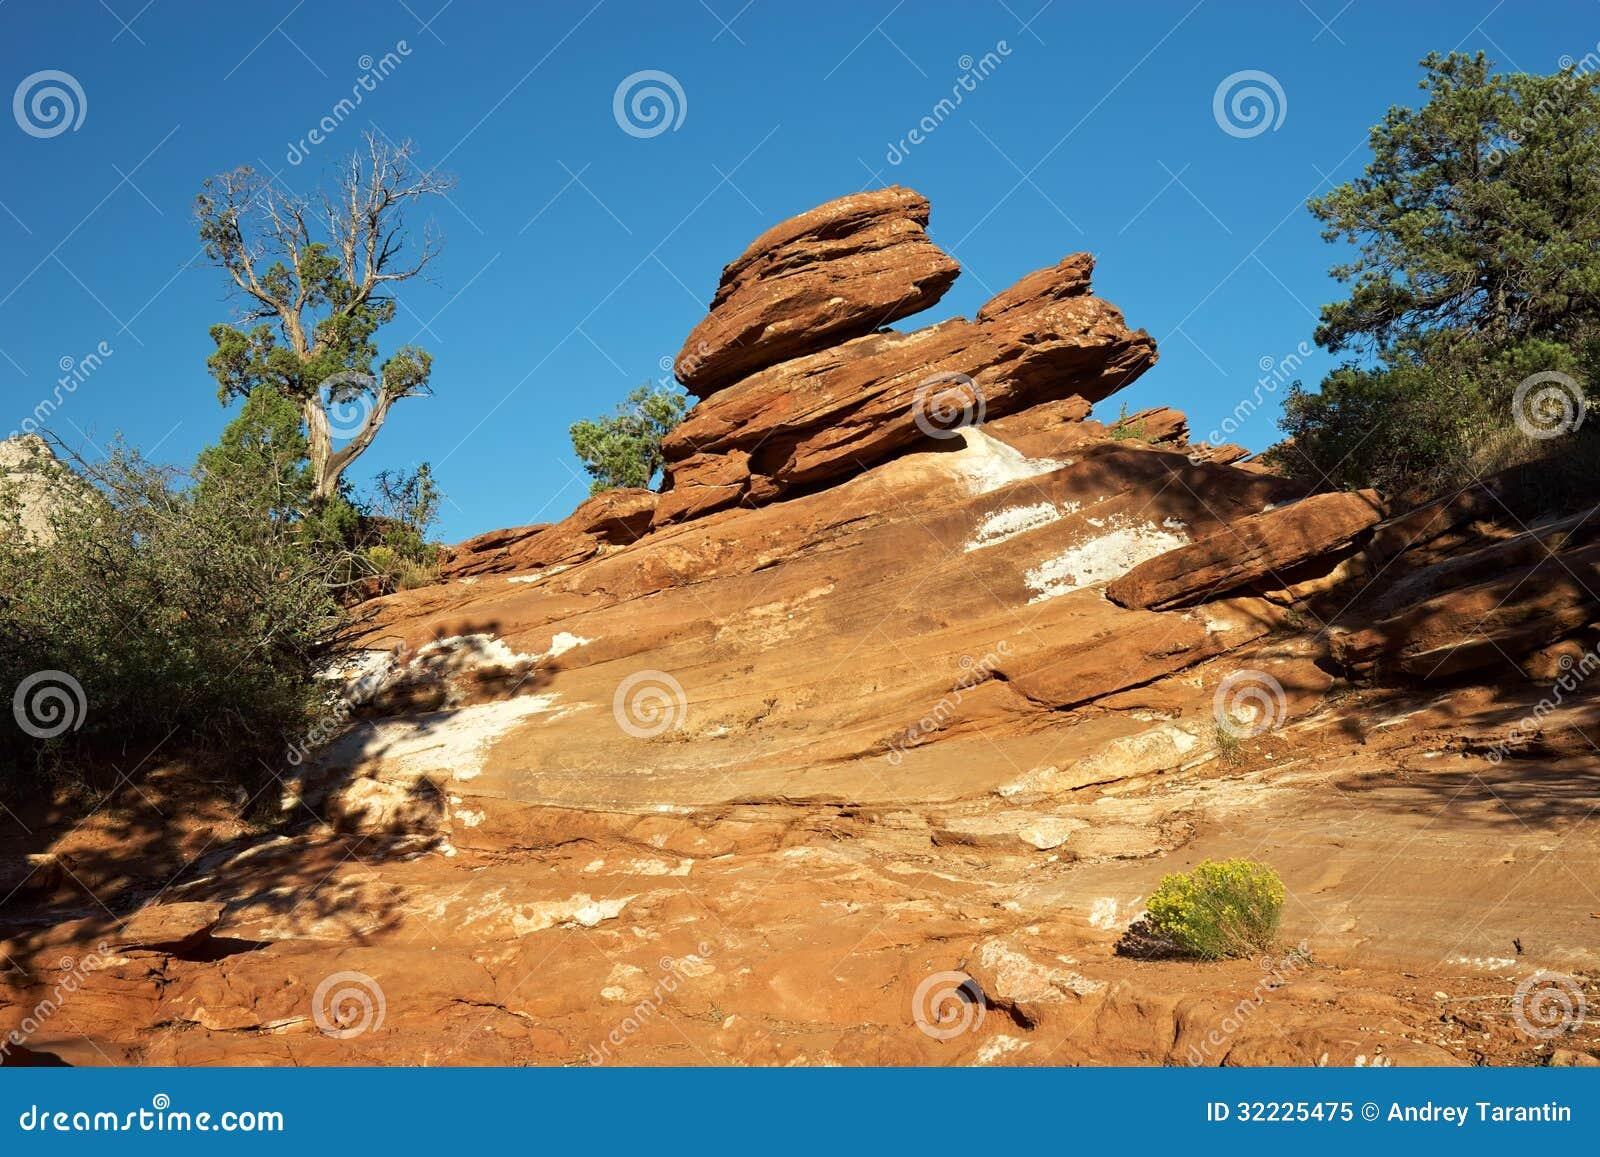 Download Deserto vermelho imagem de stock. Imagem de hiking, vermelho - 32225475